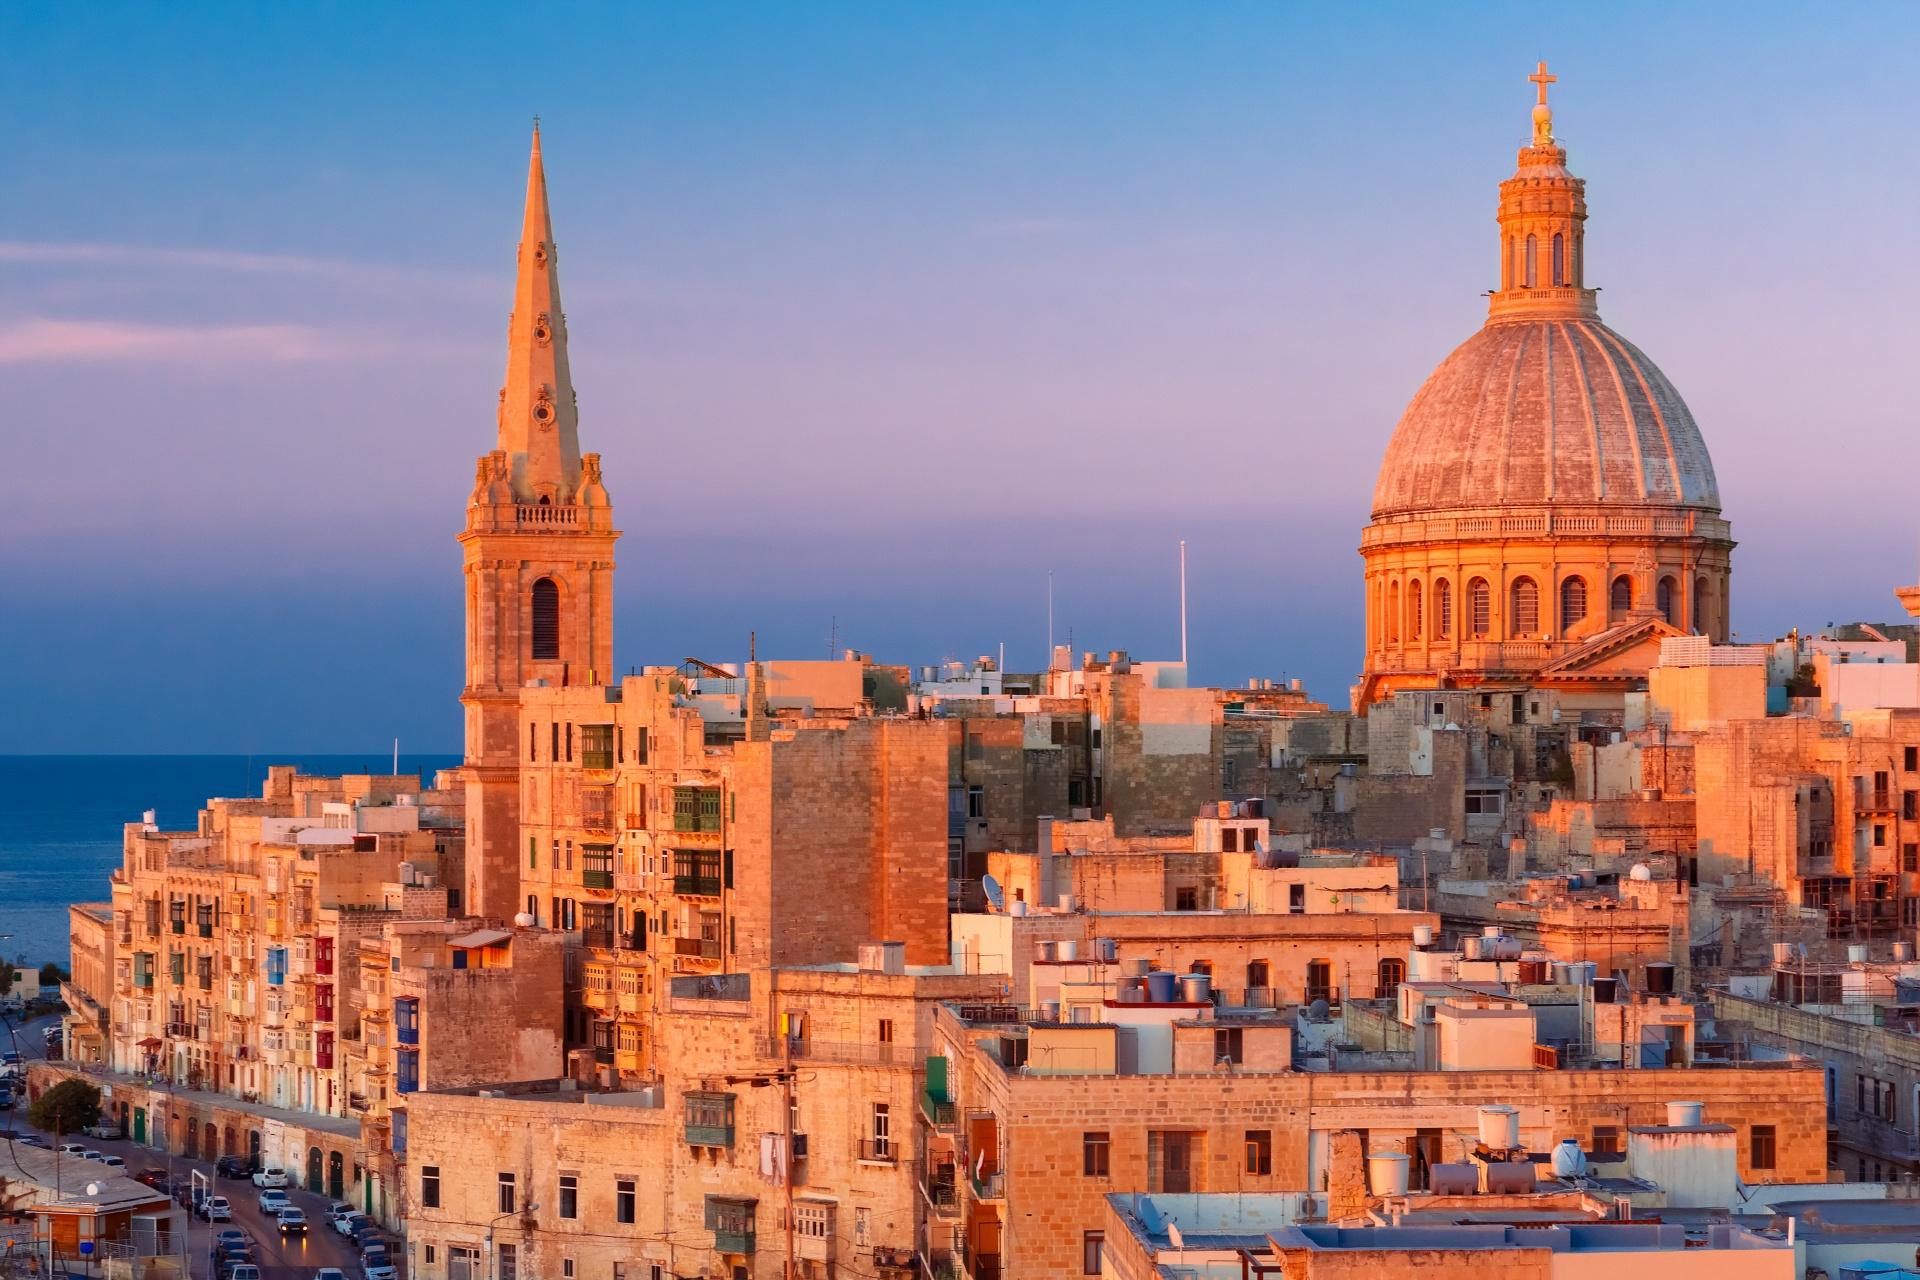 夕暮れのマルタ共和国バレッタの町並み マルタ島の風景